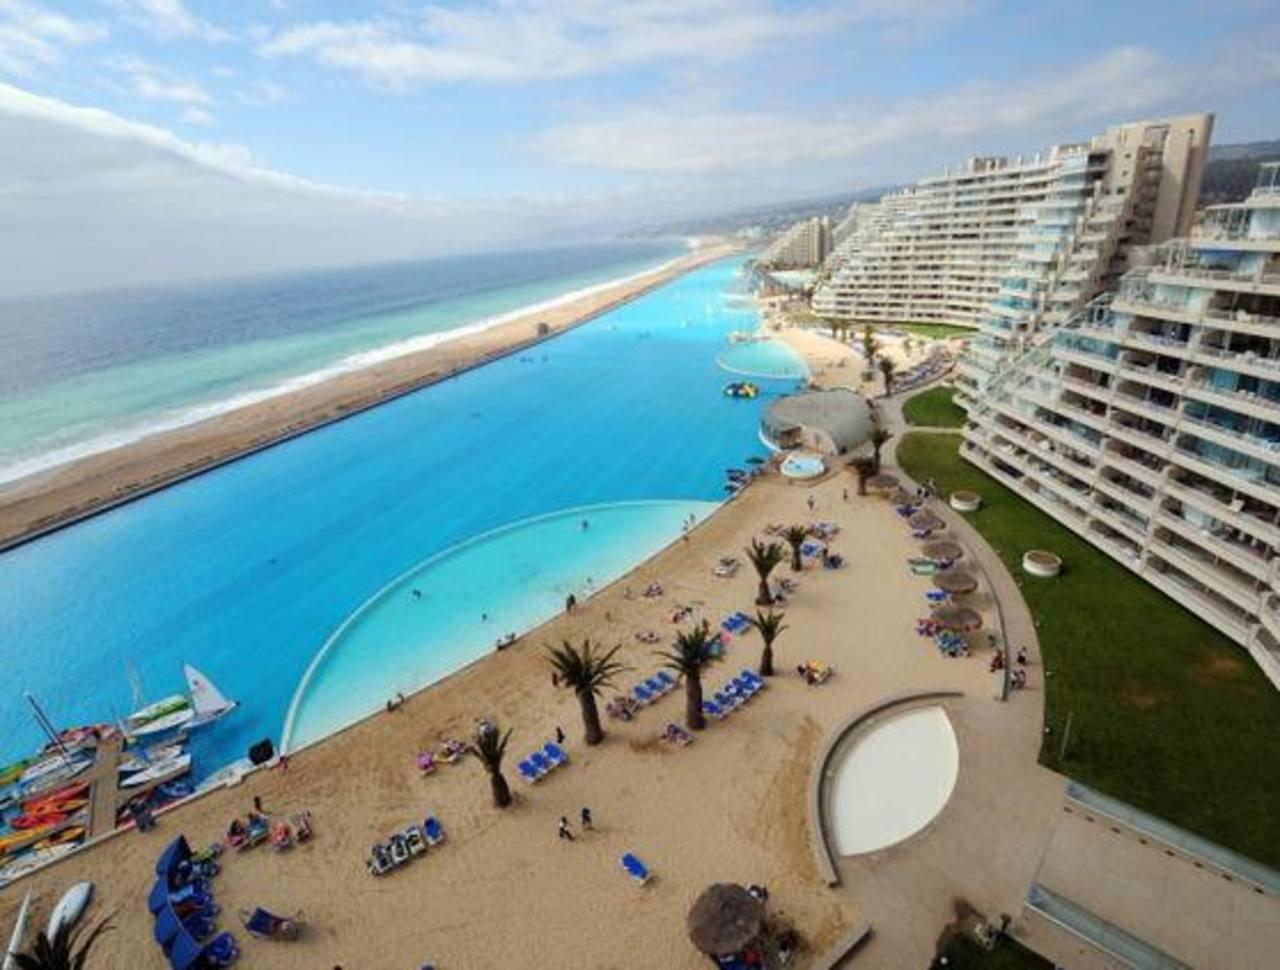 Sabes d nde est la piscina m s grande del mundo for Piscina mas grande del mundo chile